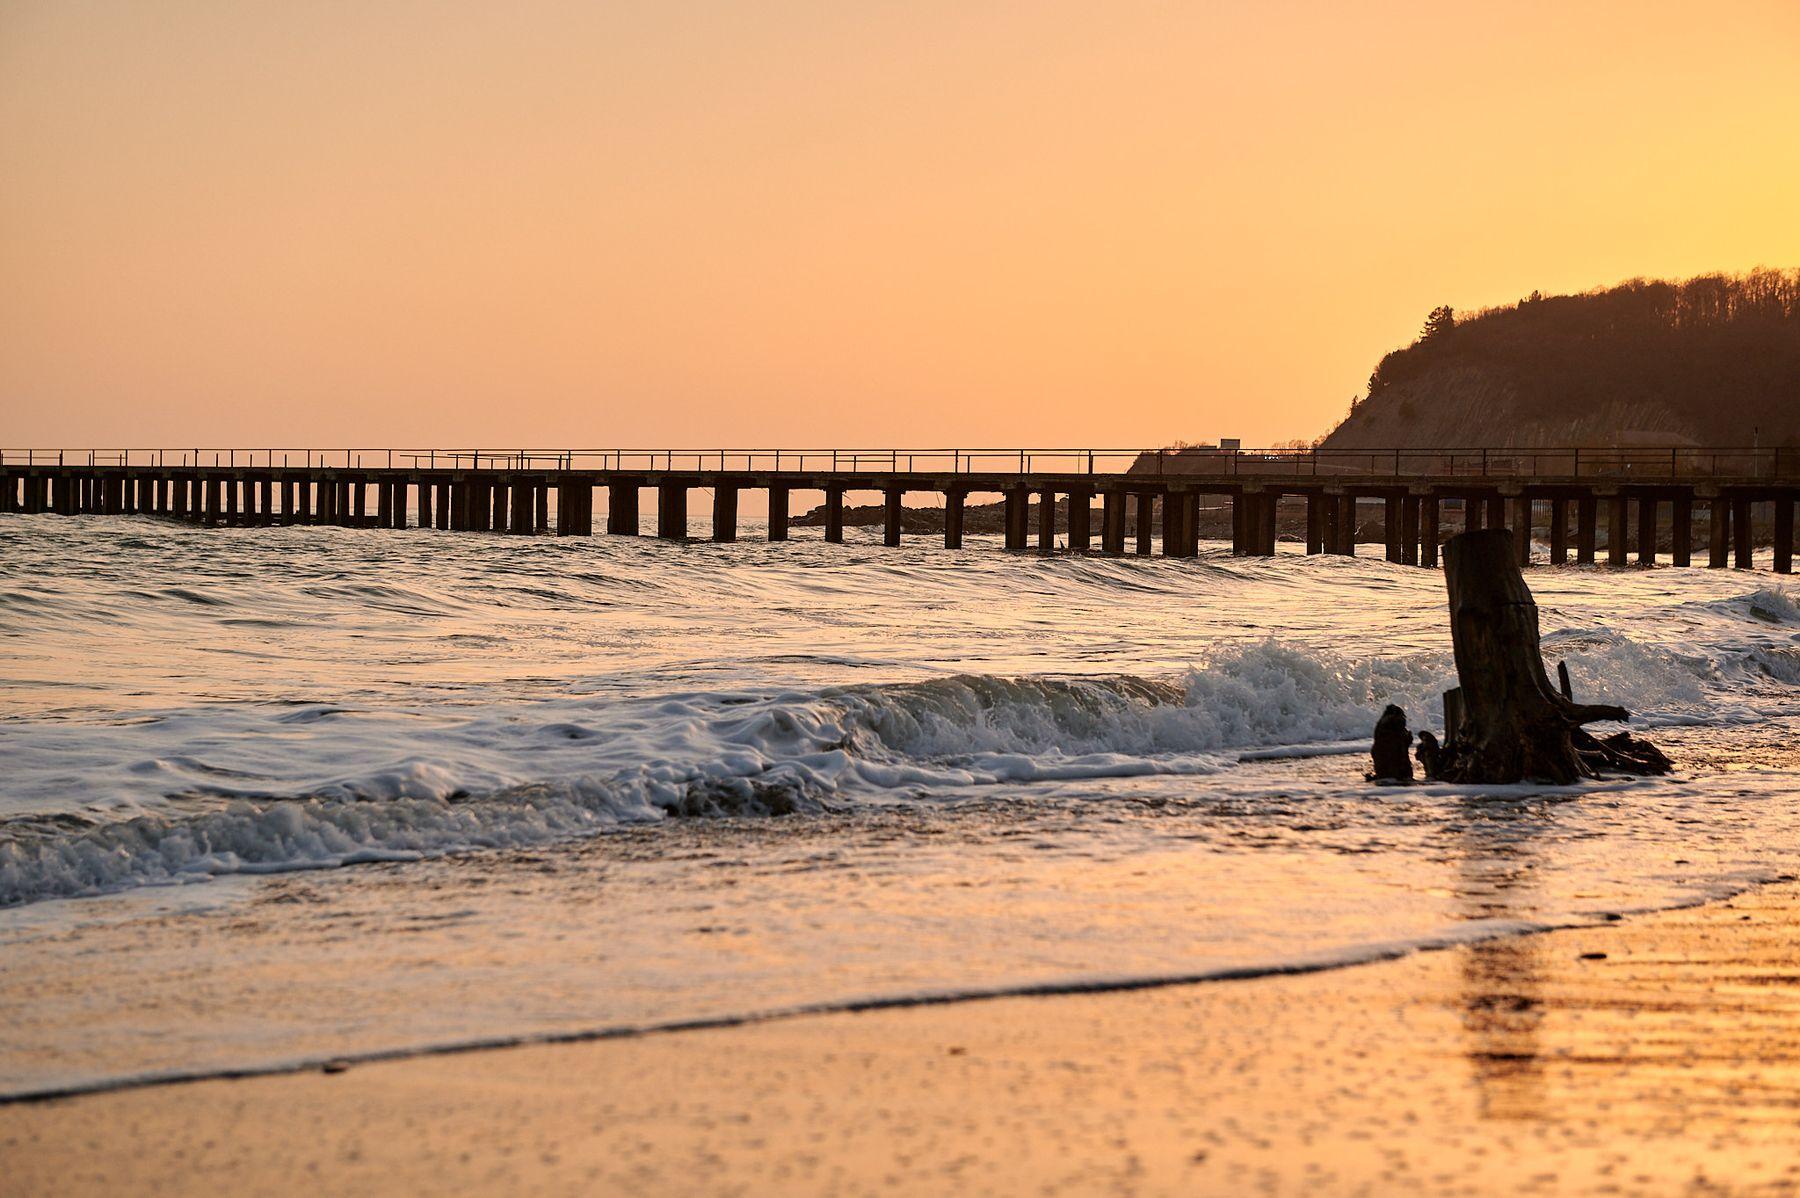 *** Море закат лето солнце пляж набережная красота небо